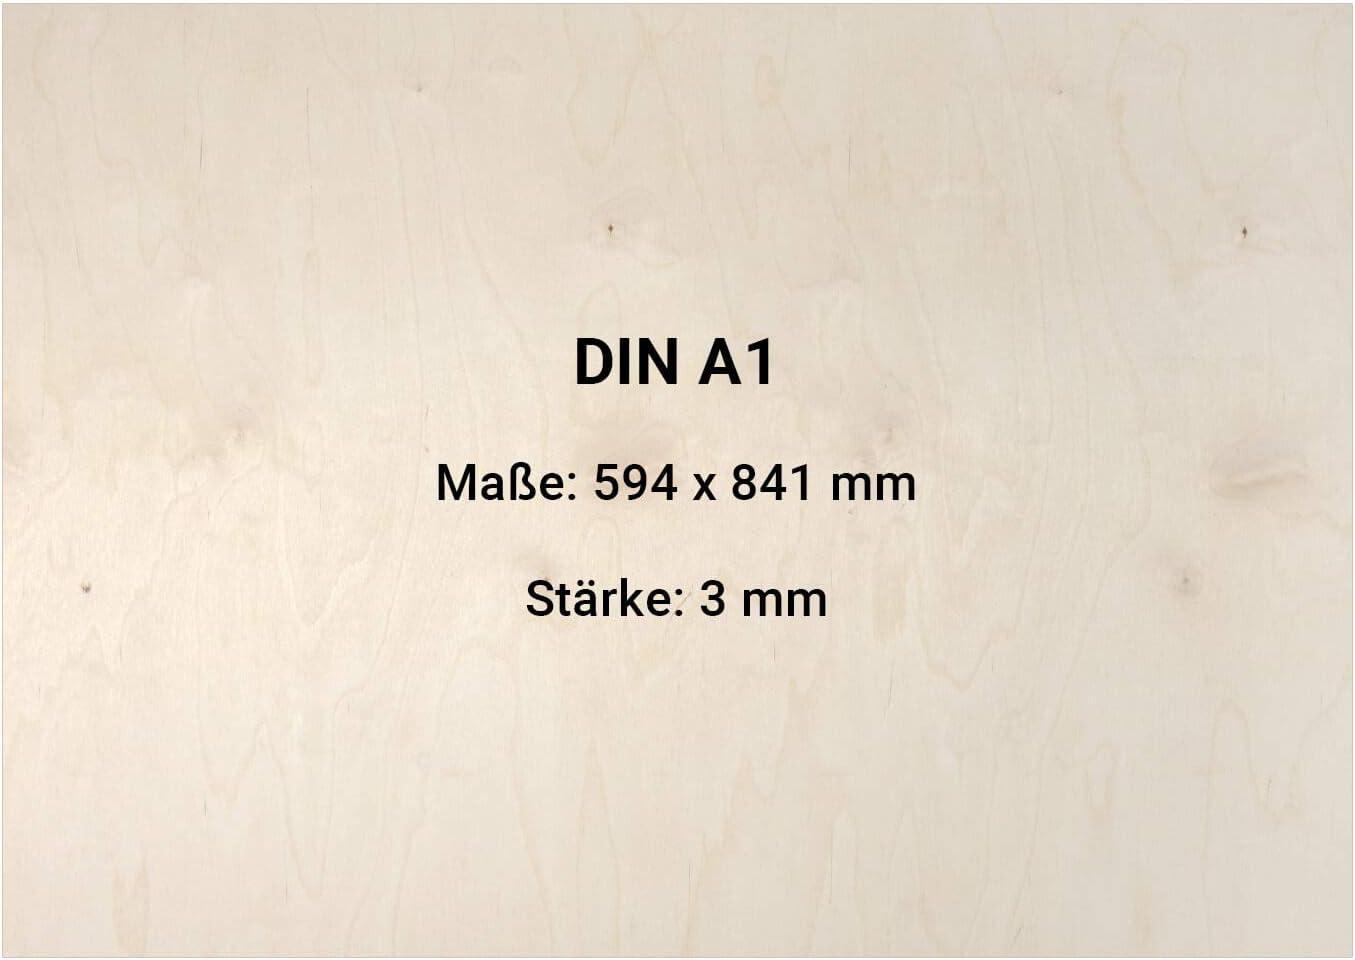 20 St/ück 297mm x 210mm 3mm Sperrholz Platte DIN A1 A2 A3 A4 A5 Multiplexplatten Zuschnitt Holz unbehandelt DIN A4